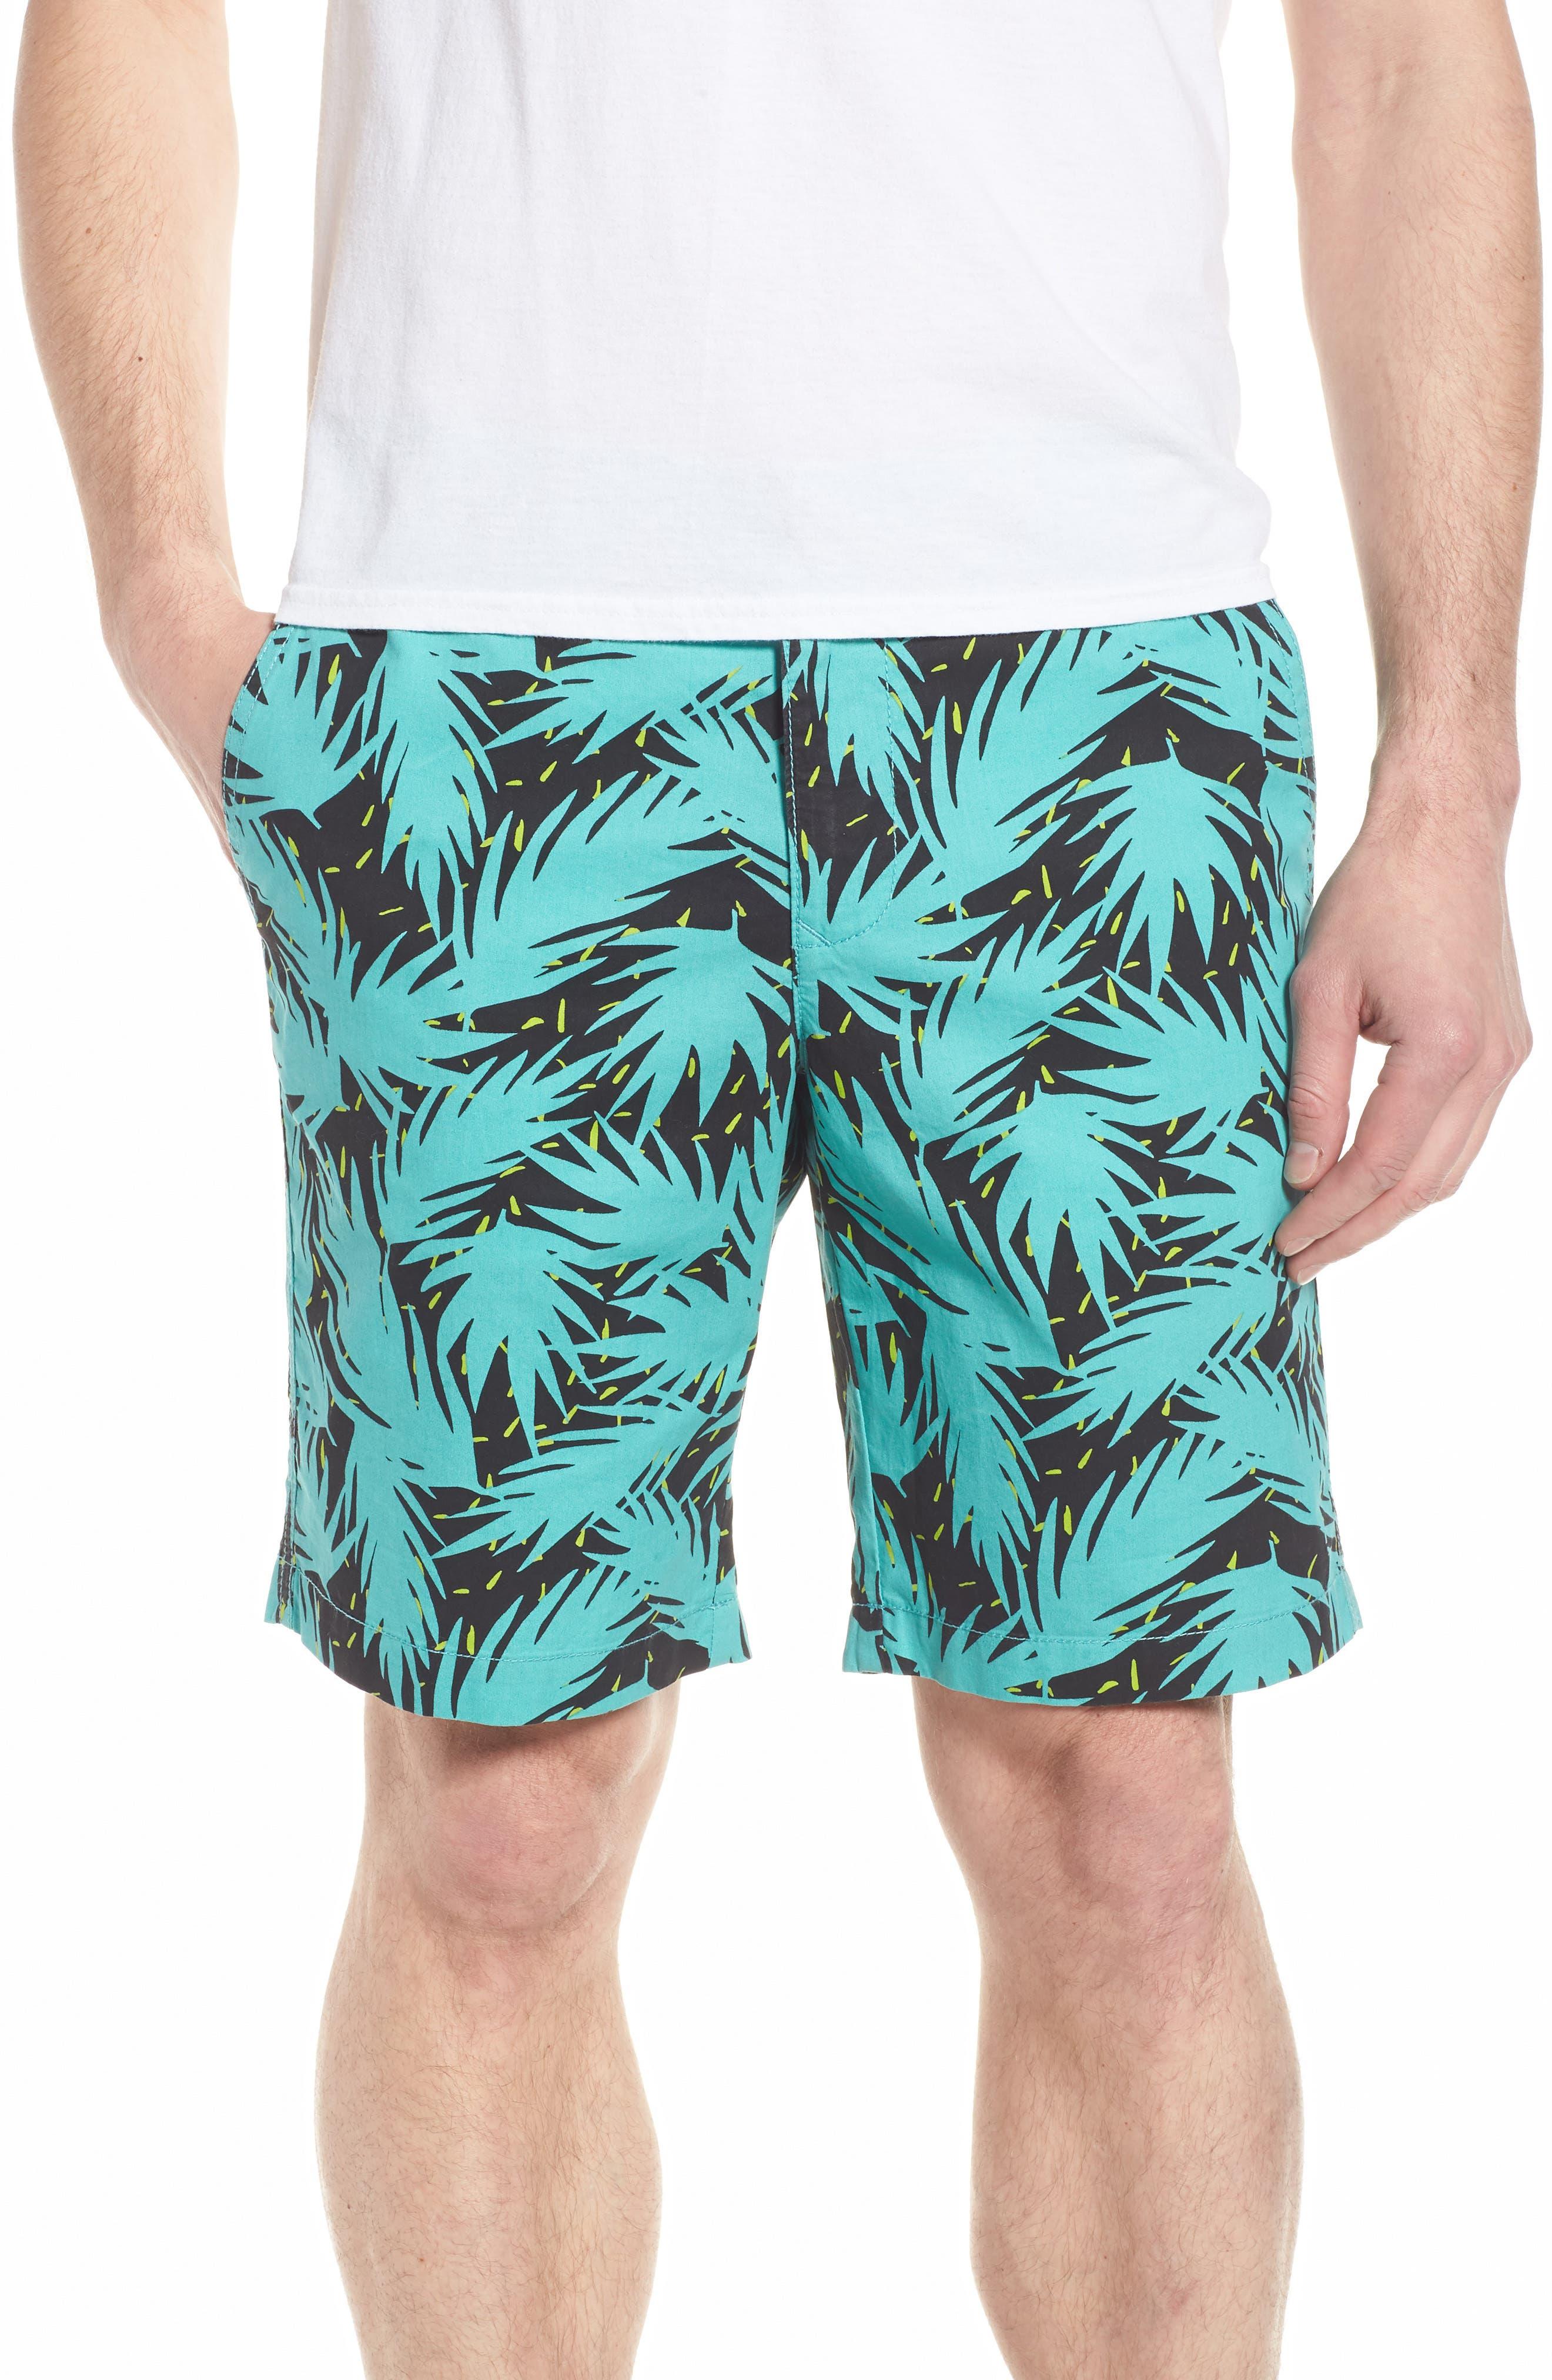 Neo Tropical Shorts,                             Main thumbnail 1, color,                             440